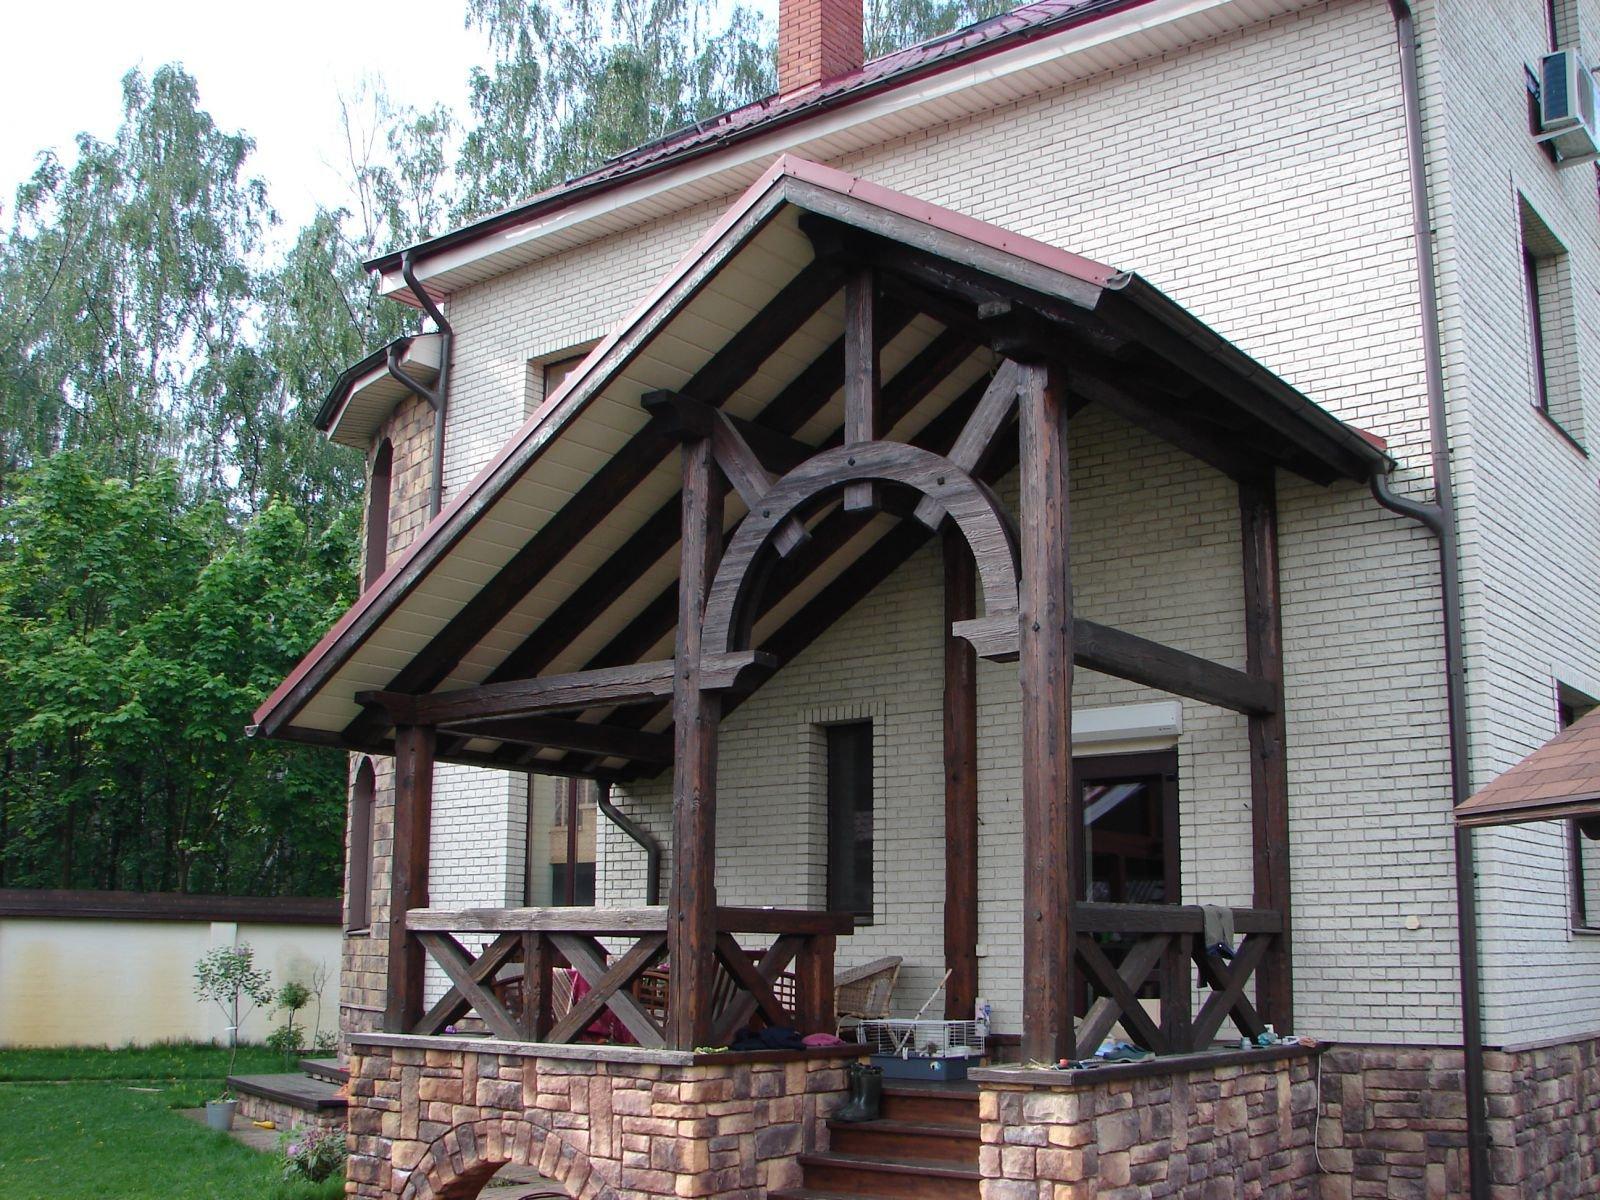 Комбинированное крыльцо - беседка, пристройка к кирпичному дому